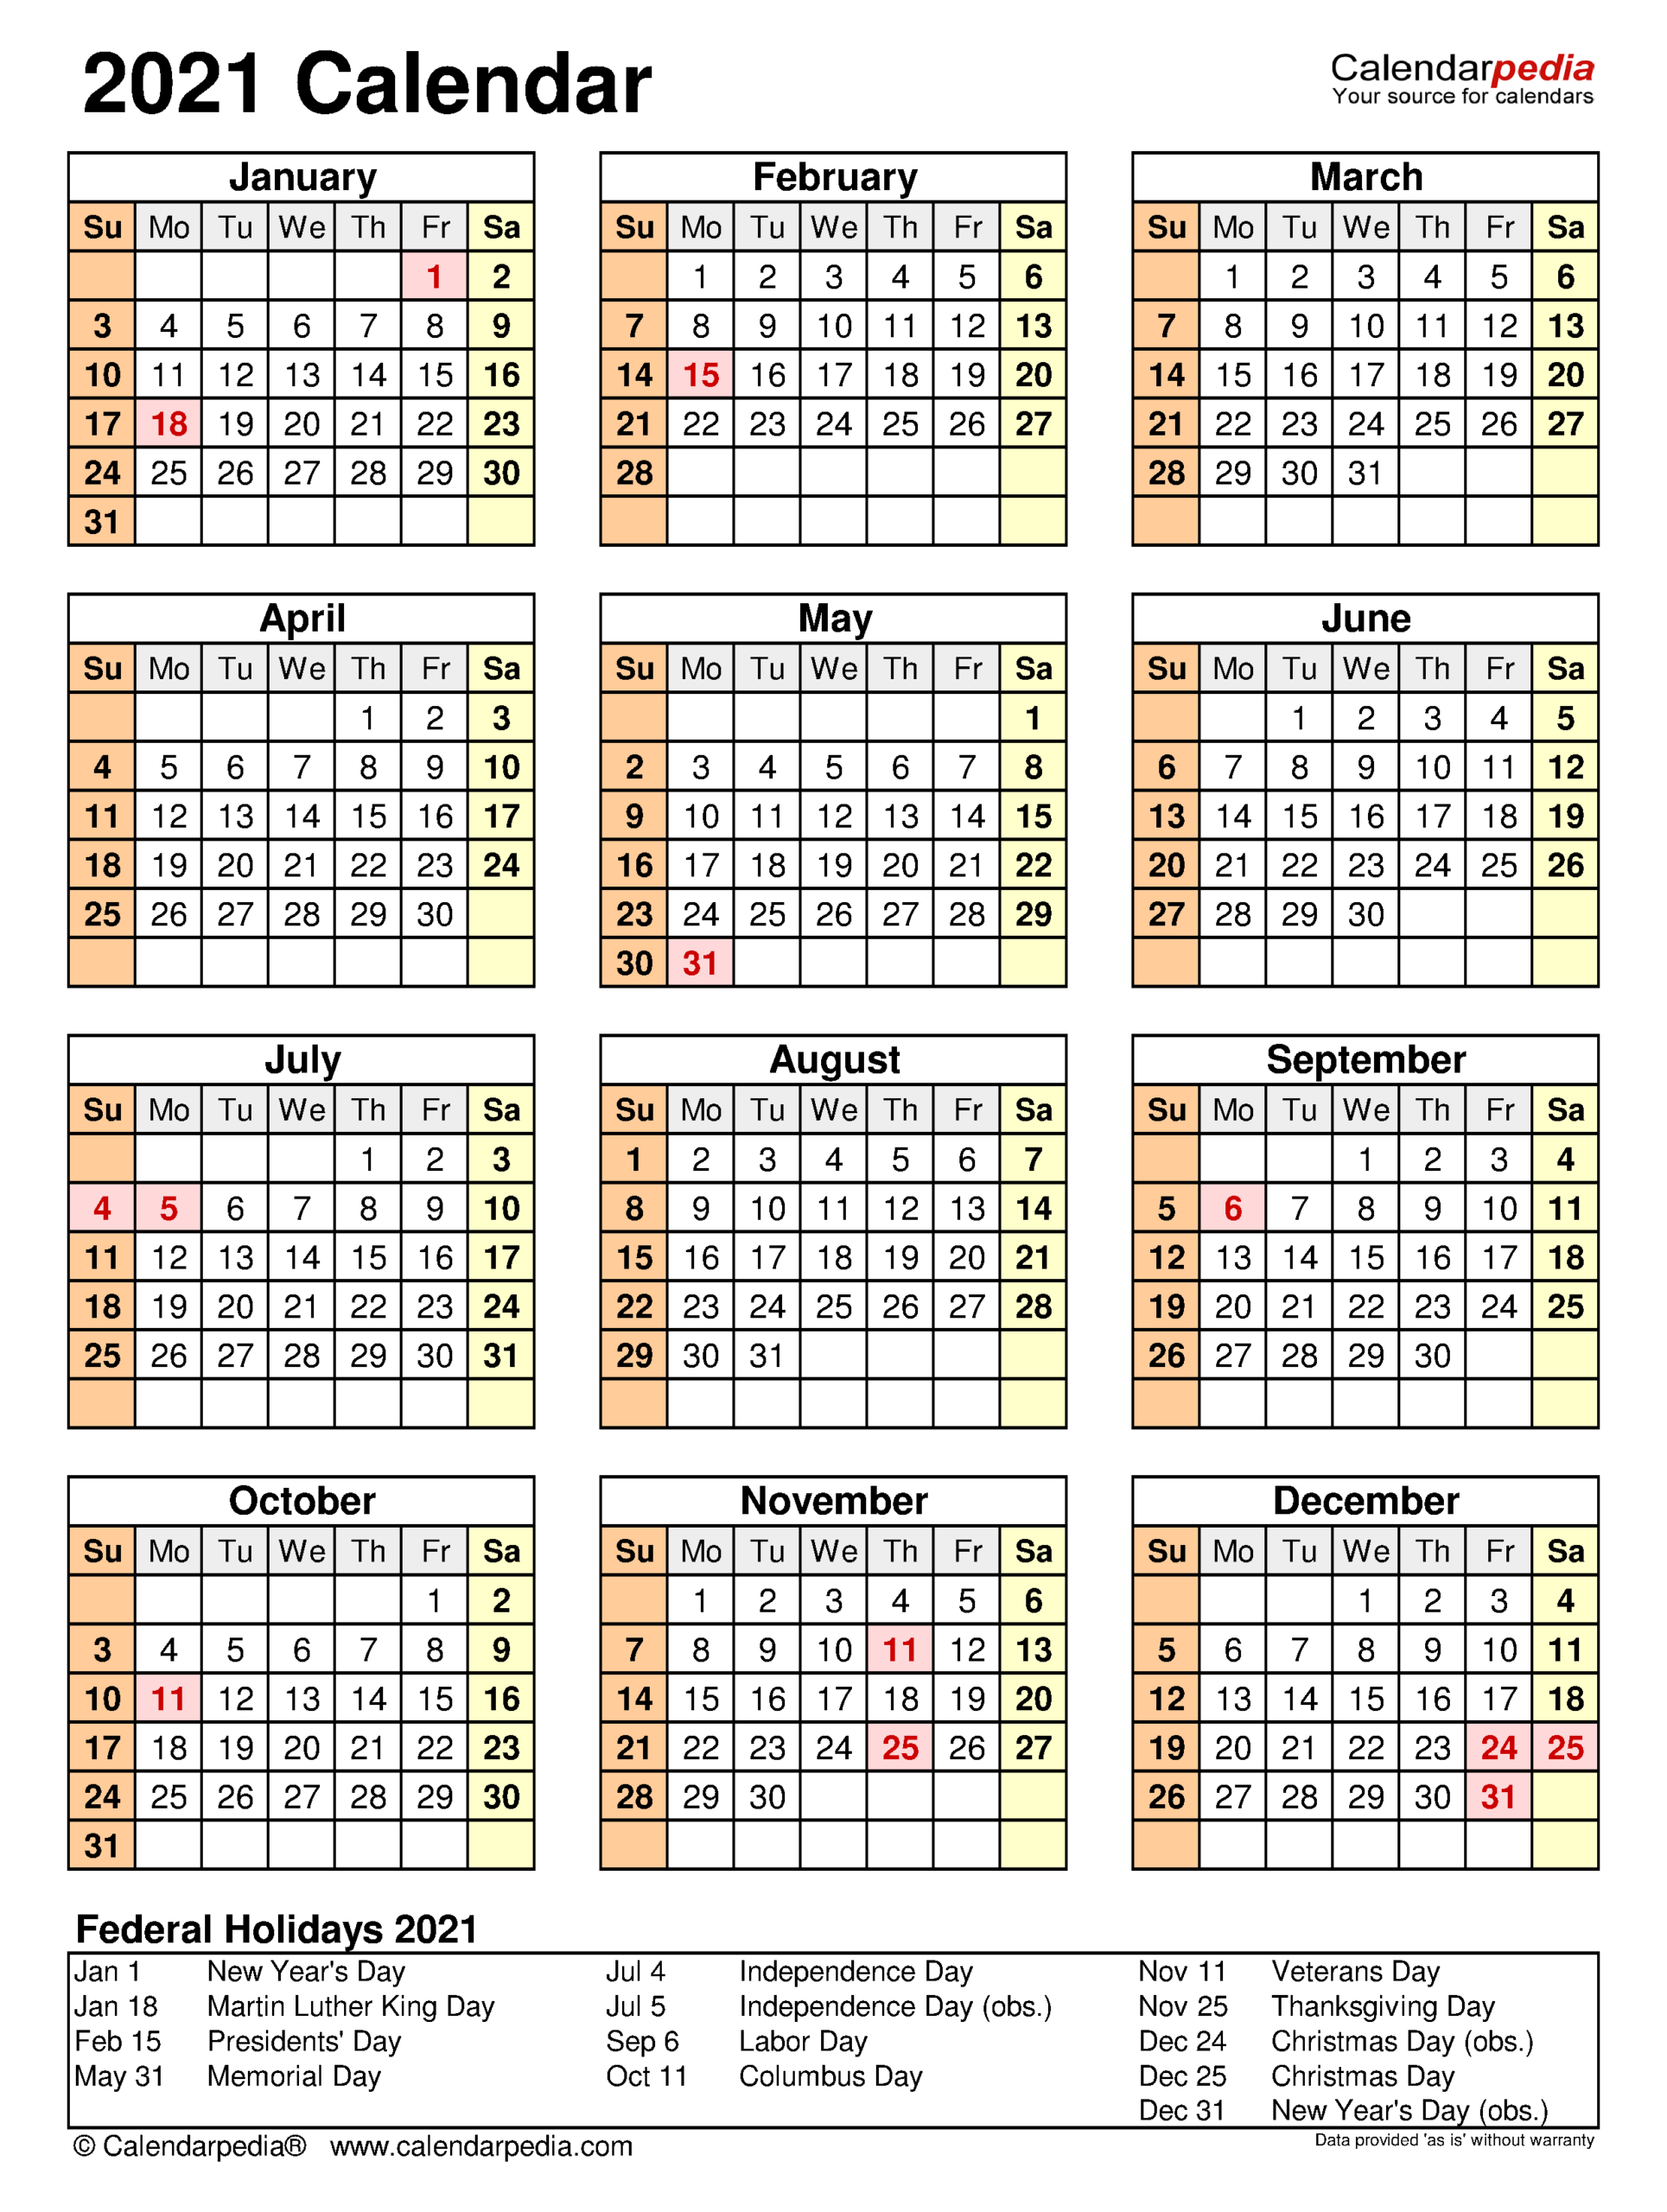 2021 Calendar - Free Printable Excel Templates - Calendarpedia with regard to Calendar 2021 Aramco